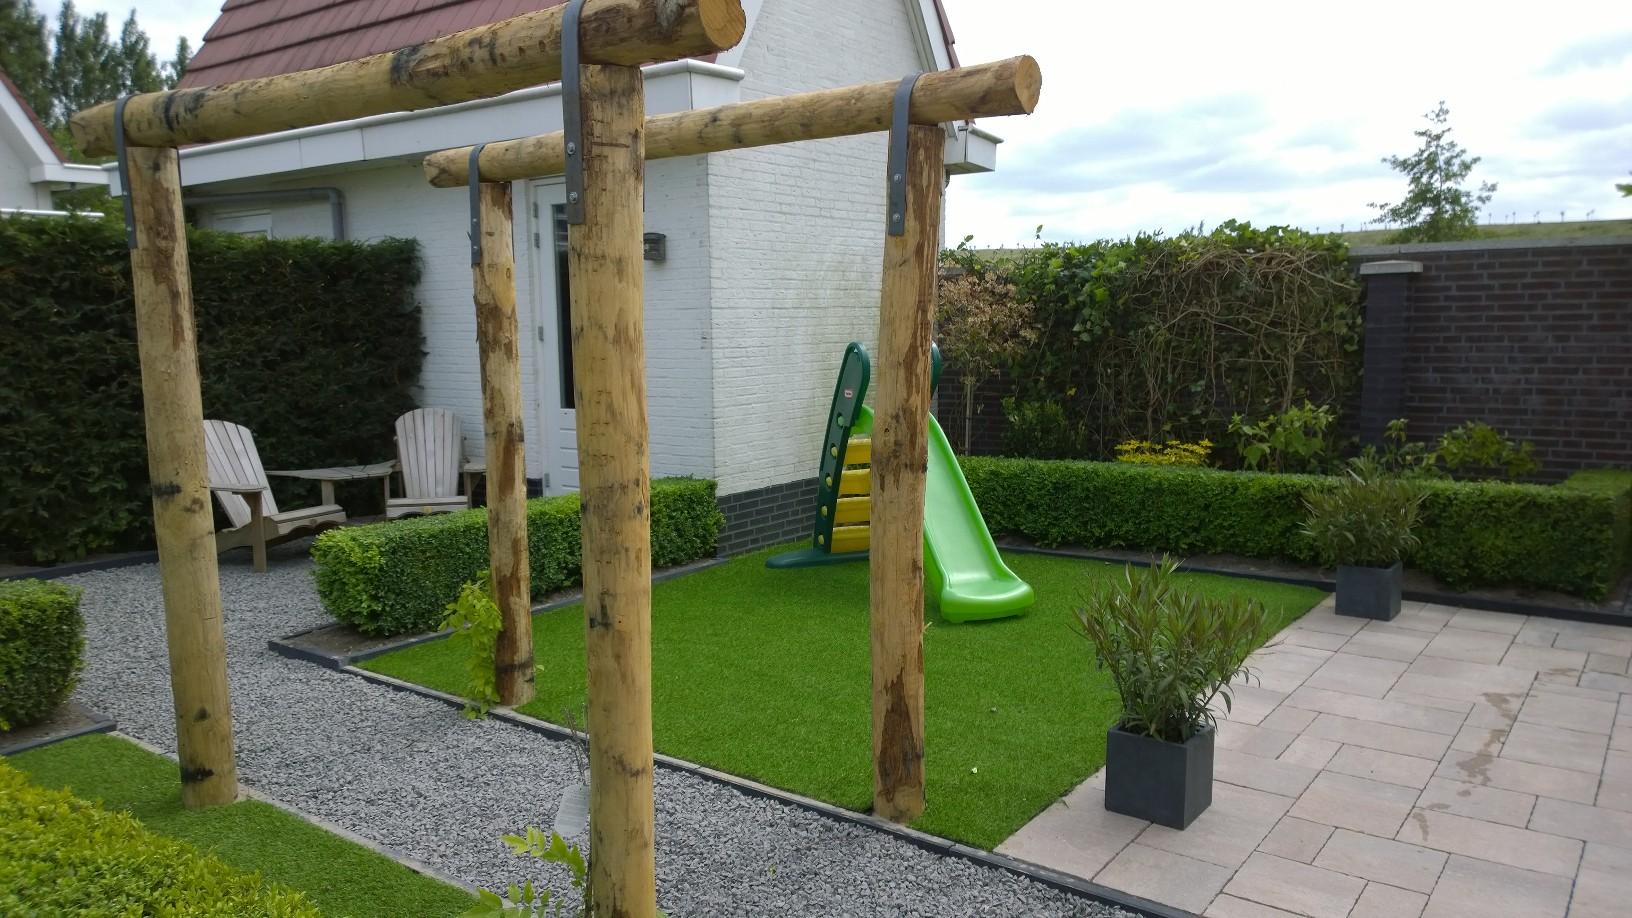 Tuin En Kunstgras : Kleine tuin met kunstgras van breukelen groenvoorzieningen